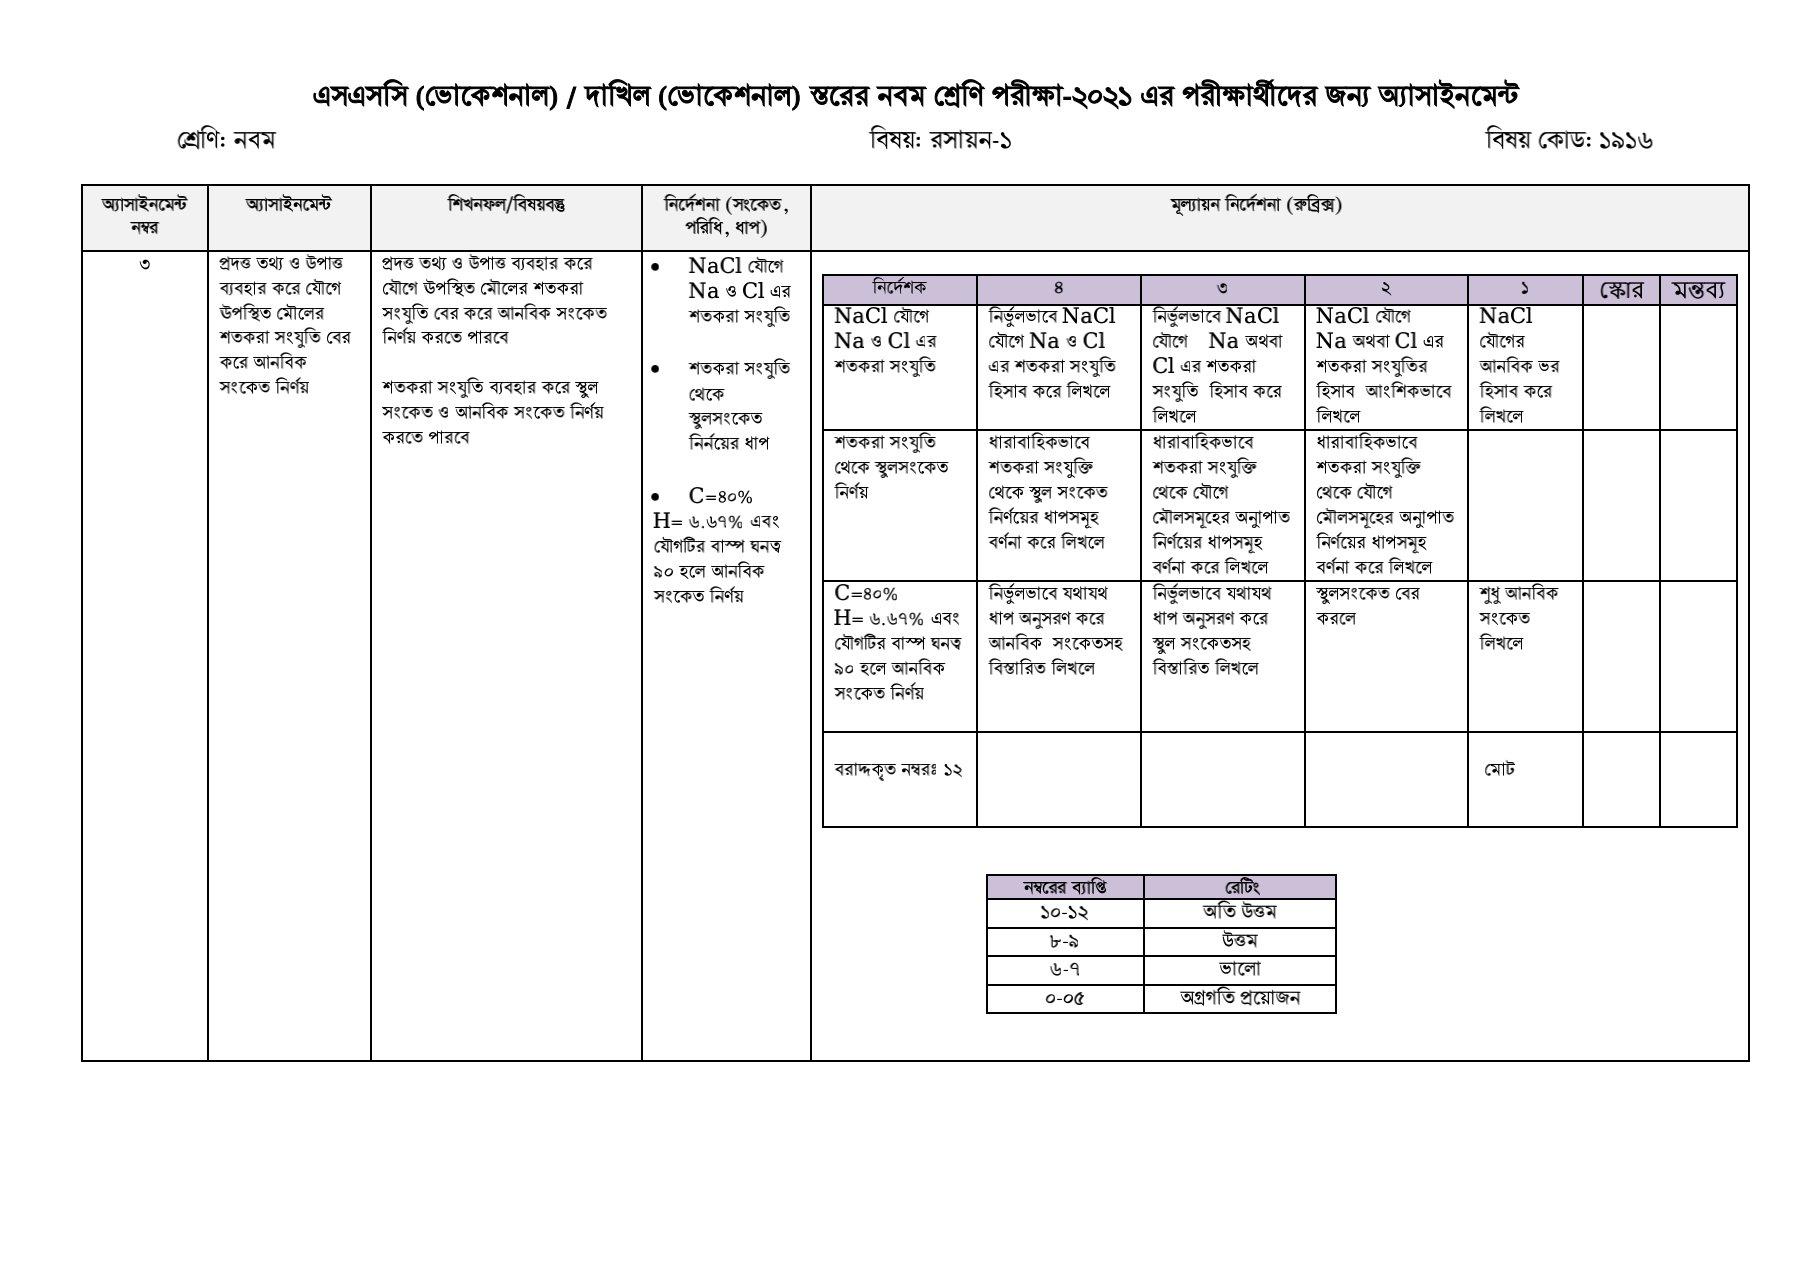 ২০২১ সালের এসএসসি/দাখিল (ভোকেশনাল) রসায়ন এসাইনমেন্ট সমাধান 2021 15